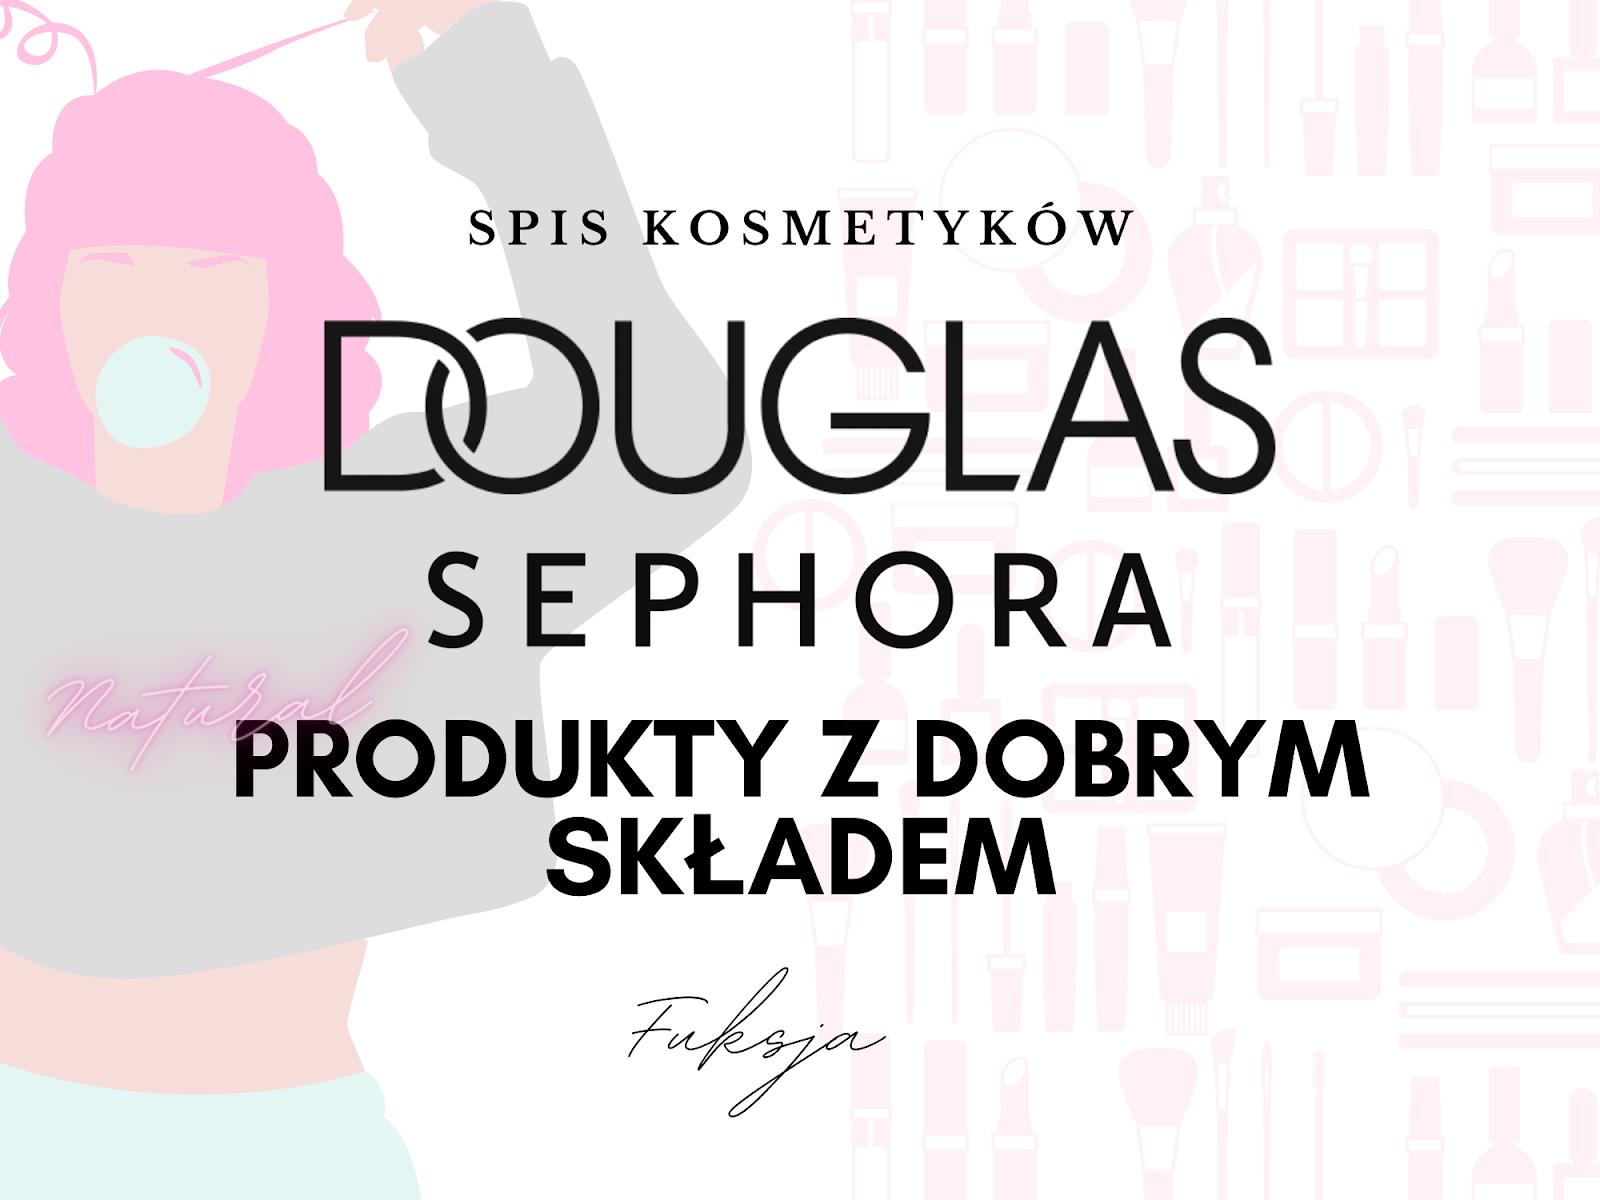 Sephora i Douglas - co dostaniemy tam z dobrym składem?